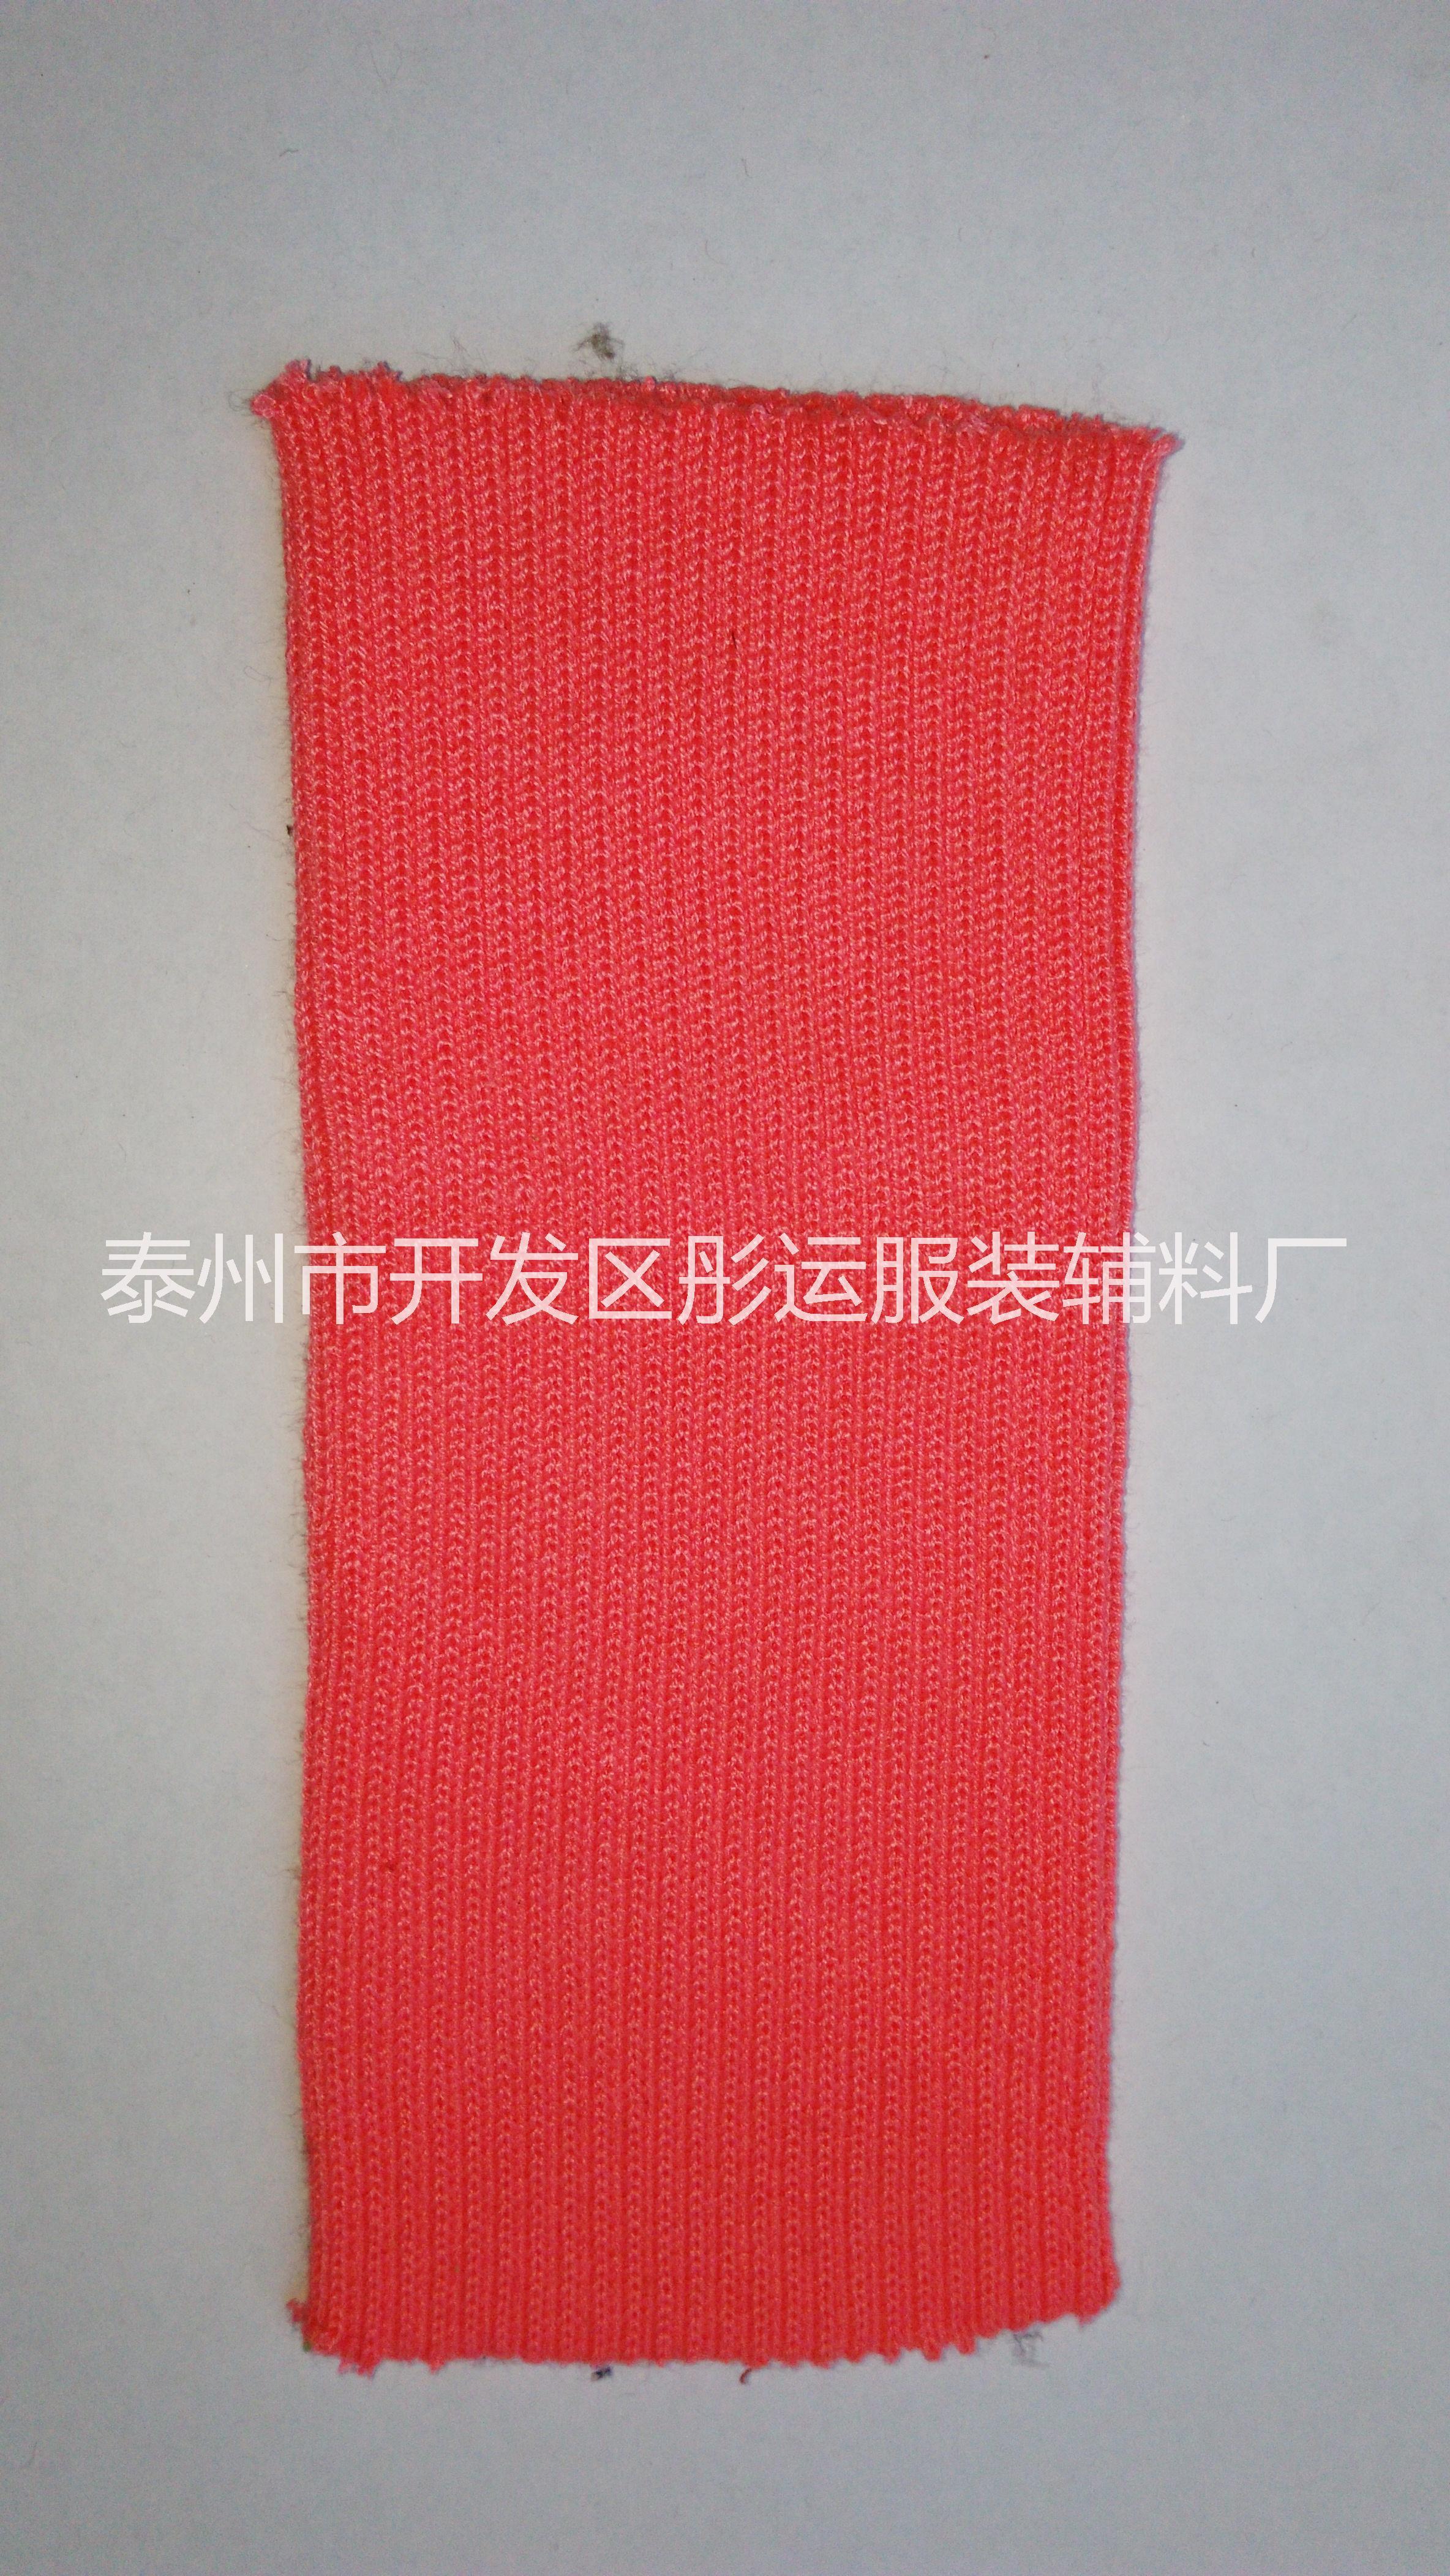 小园机罗纹袖口图片/小园机罗纹袖口样板图 (2)